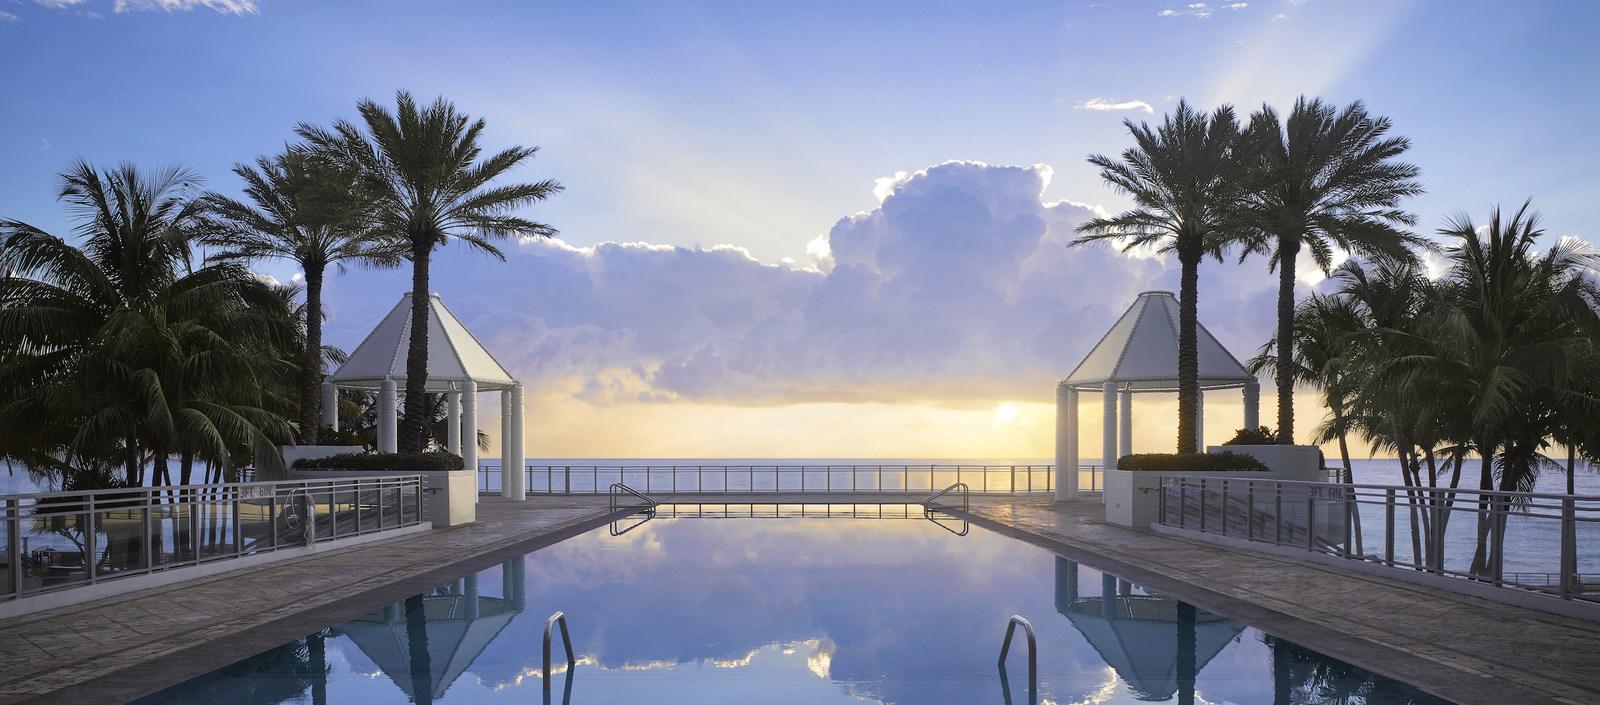 The Diplomat Resort Pool